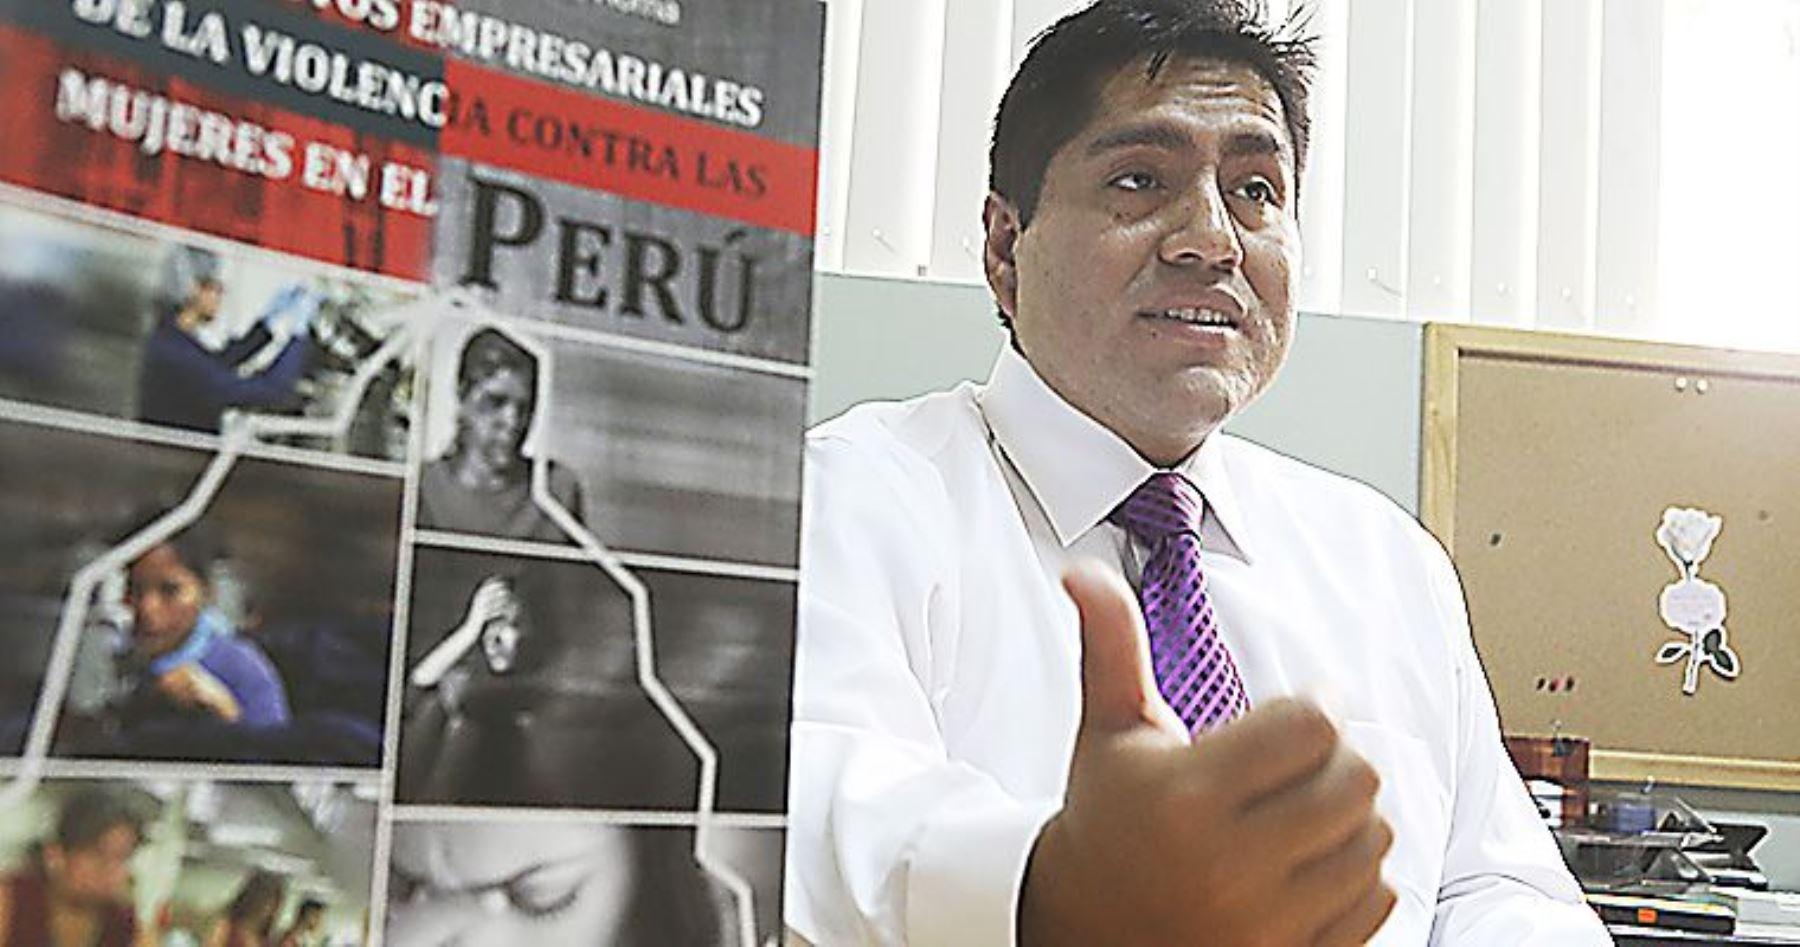 Instituto de Investigación de la Facultad de Ciencias Administrativas y Recursos Humanos de la universidad, Arístides Vargas Horna